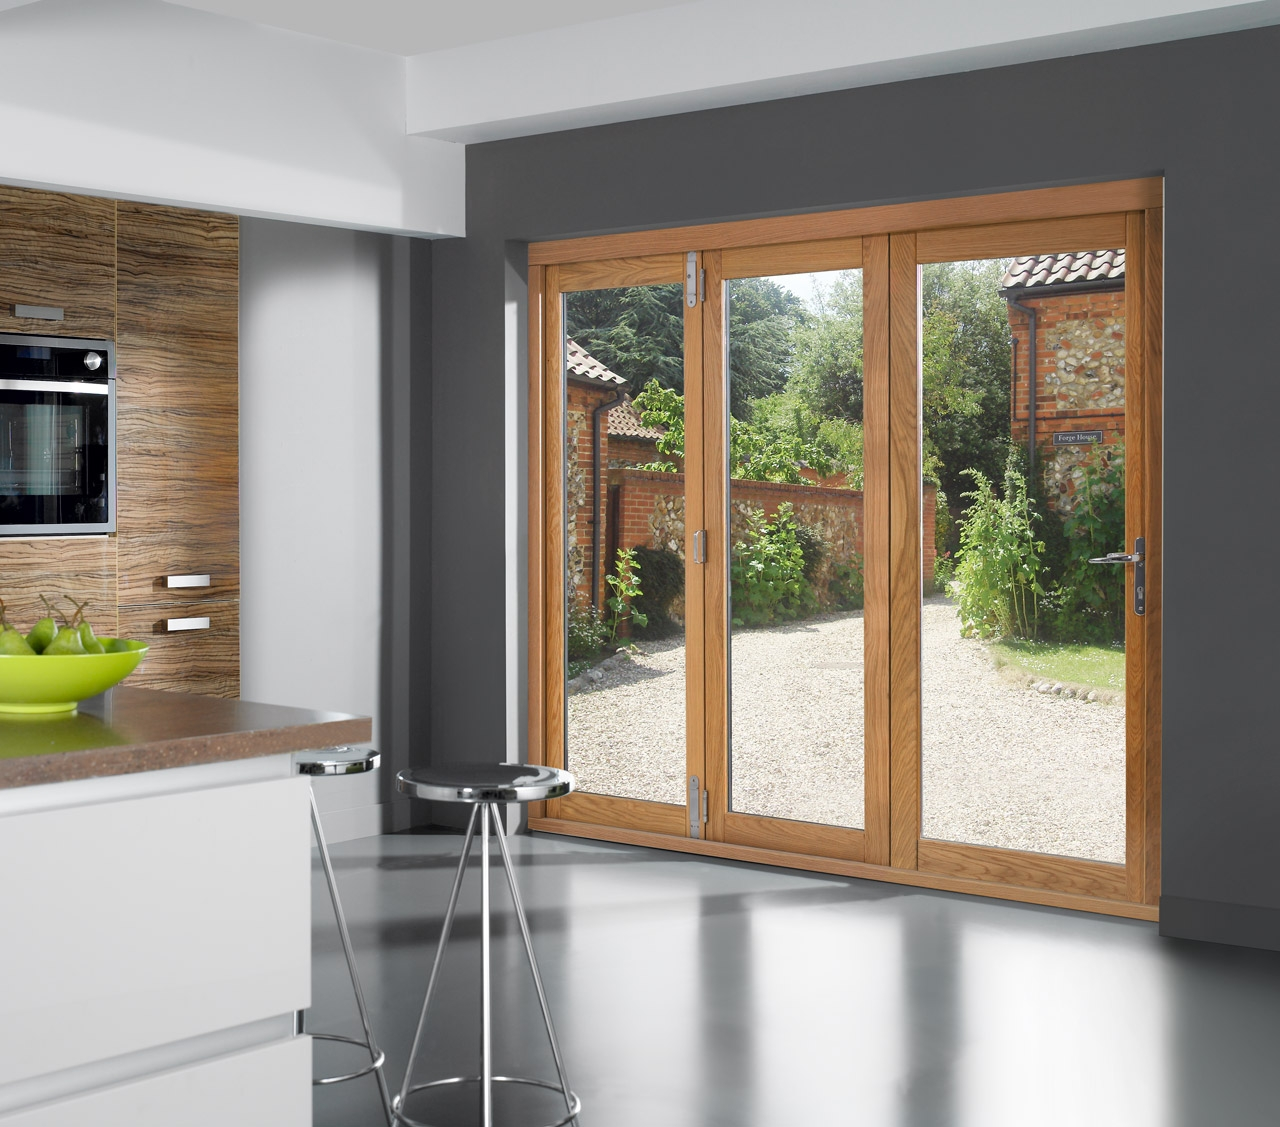 6 Ft Sliding Glass Patio Door